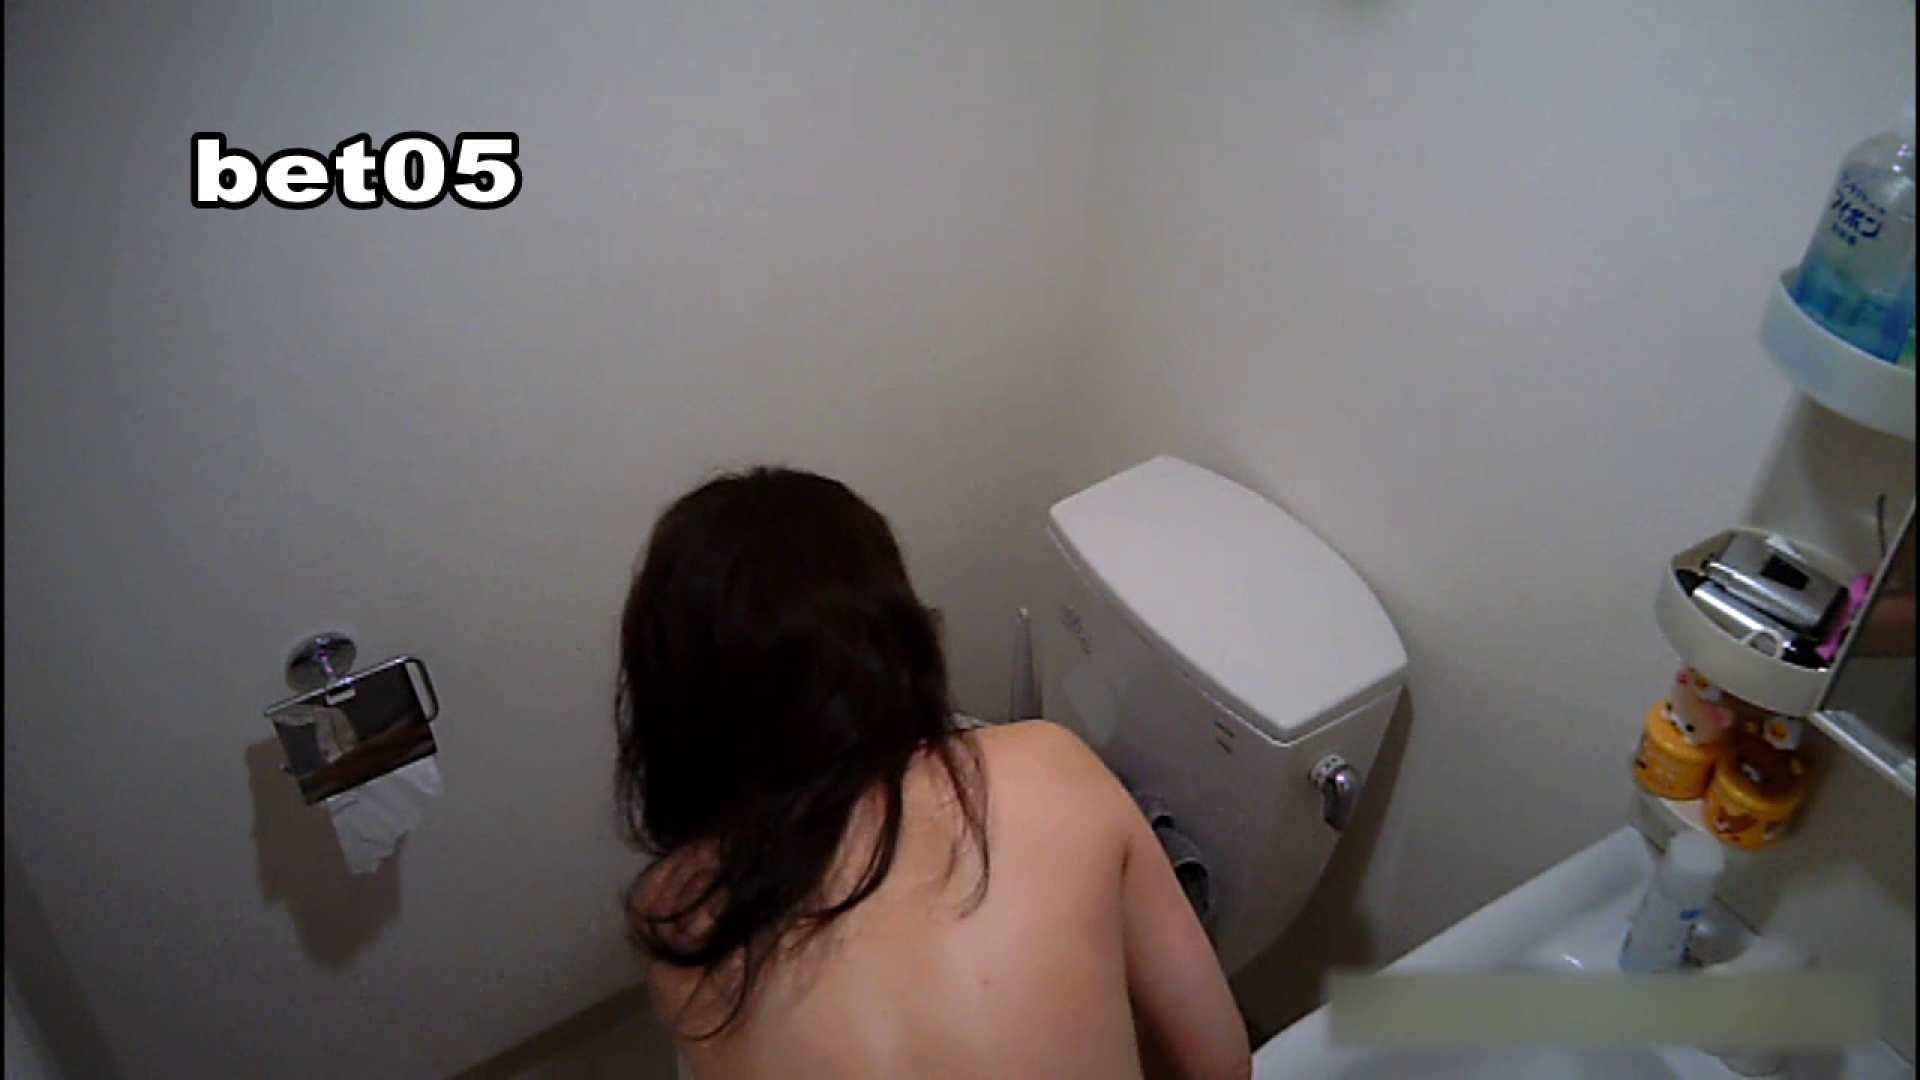 ミキ・大手旅行代理店勤務(24歳・仮名) vol.05 オマケで全裸洗面所も公開 リベンジ  100PIX 51